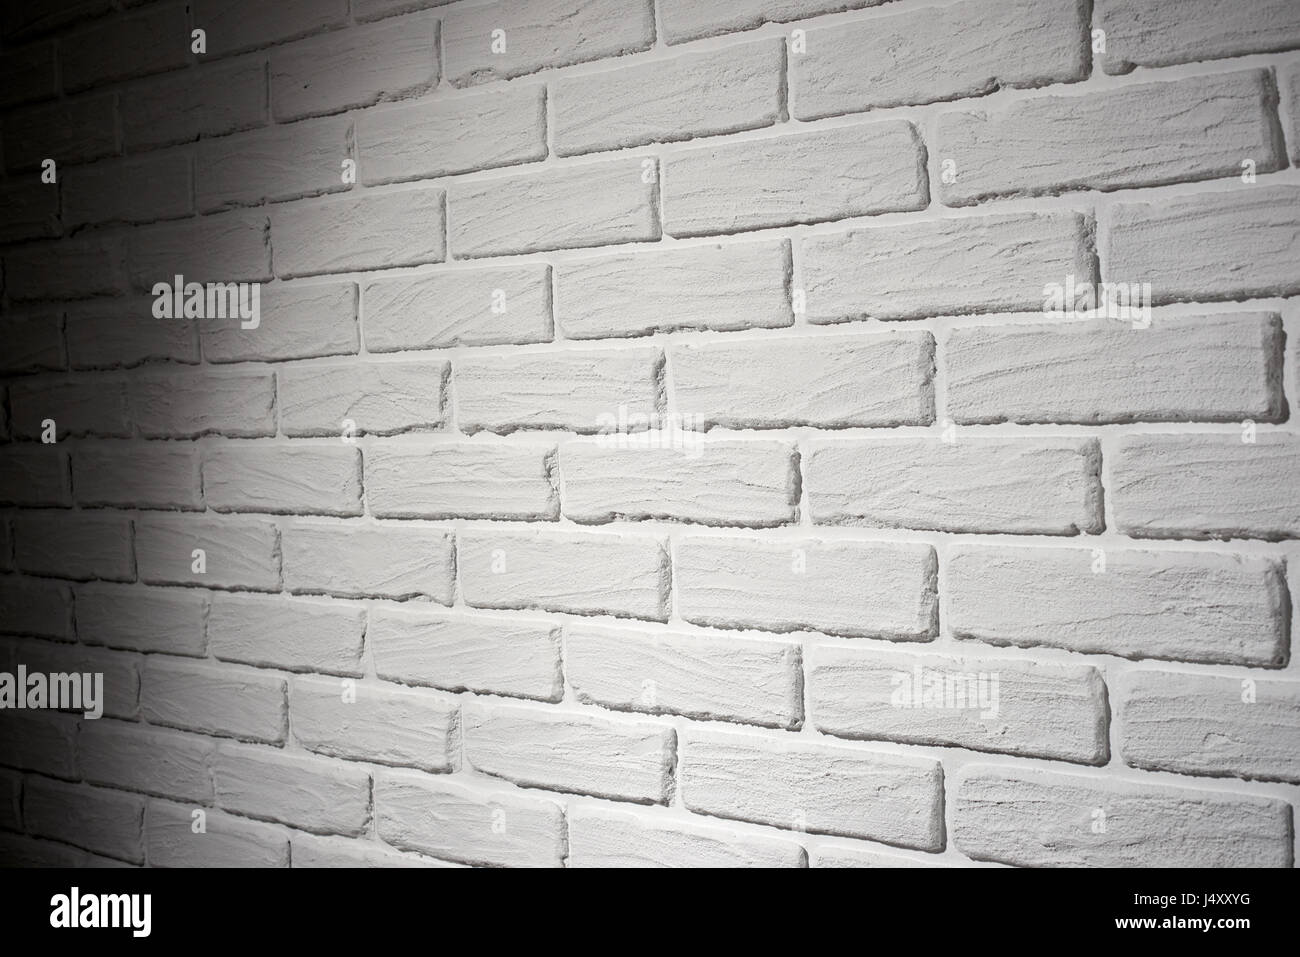 Mur Effet Brique Blanche mur en brique blanche avec effet de lumière et ombre